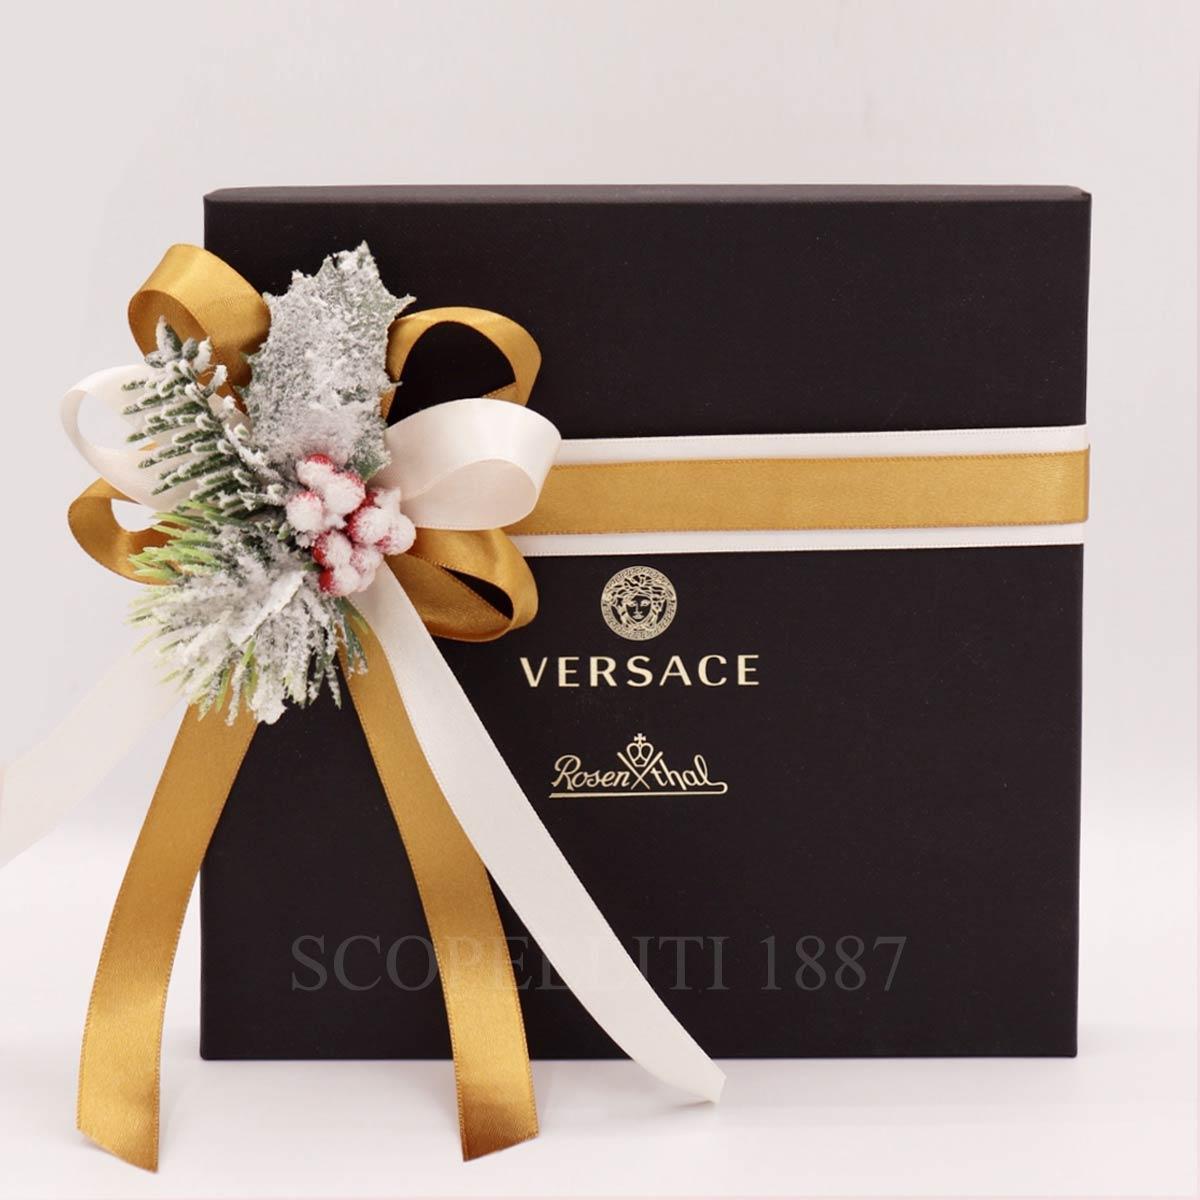 versace christmas box